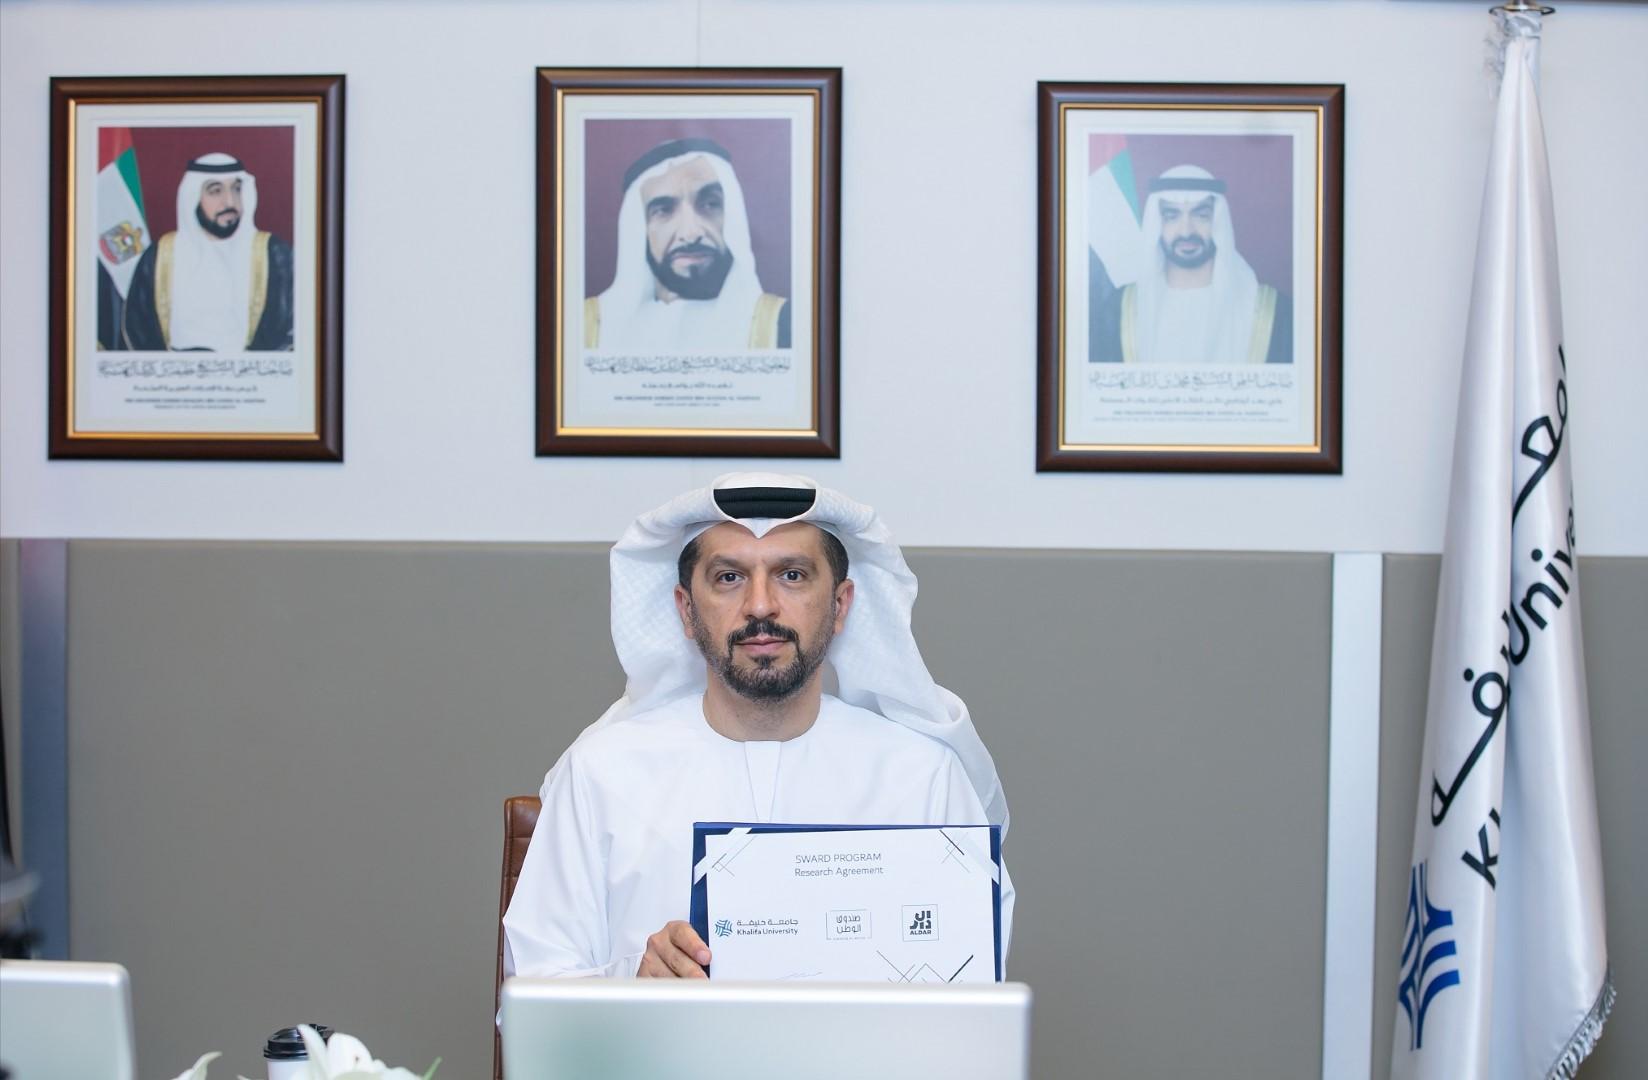 جامعة خليفة توقع اتفاقية بحثية بتمويل مشترك من